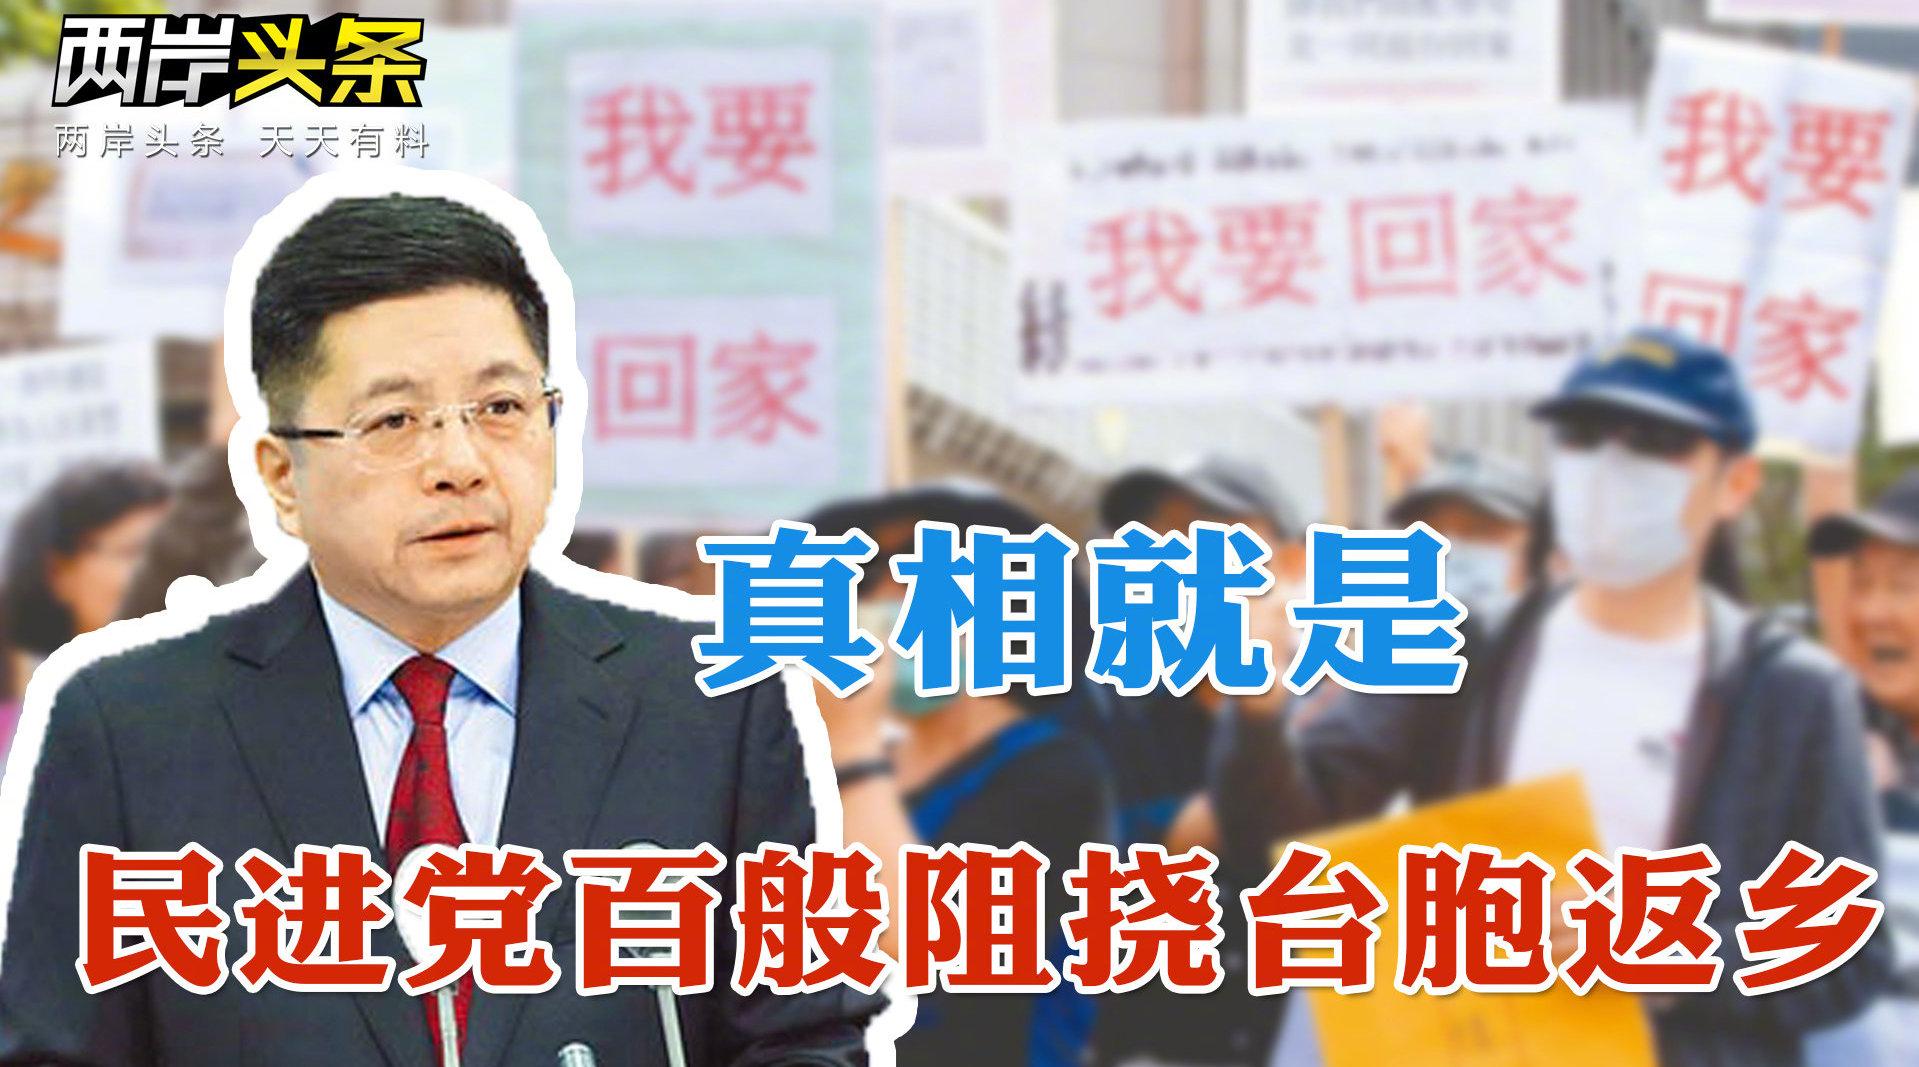 国台办揭民进党阻台胞返乡真相批某官员满嘴谎言 美舰又过台湾海峡